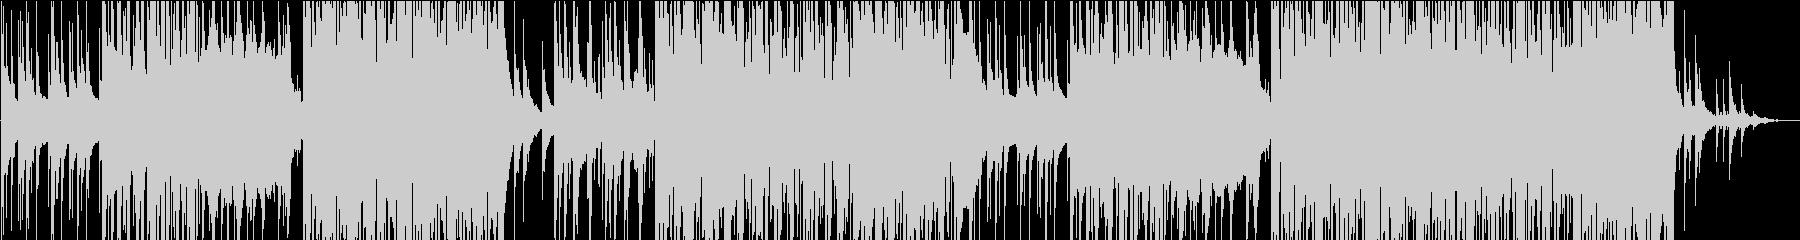 静かなピアノのFuture Bassの未再生の波形